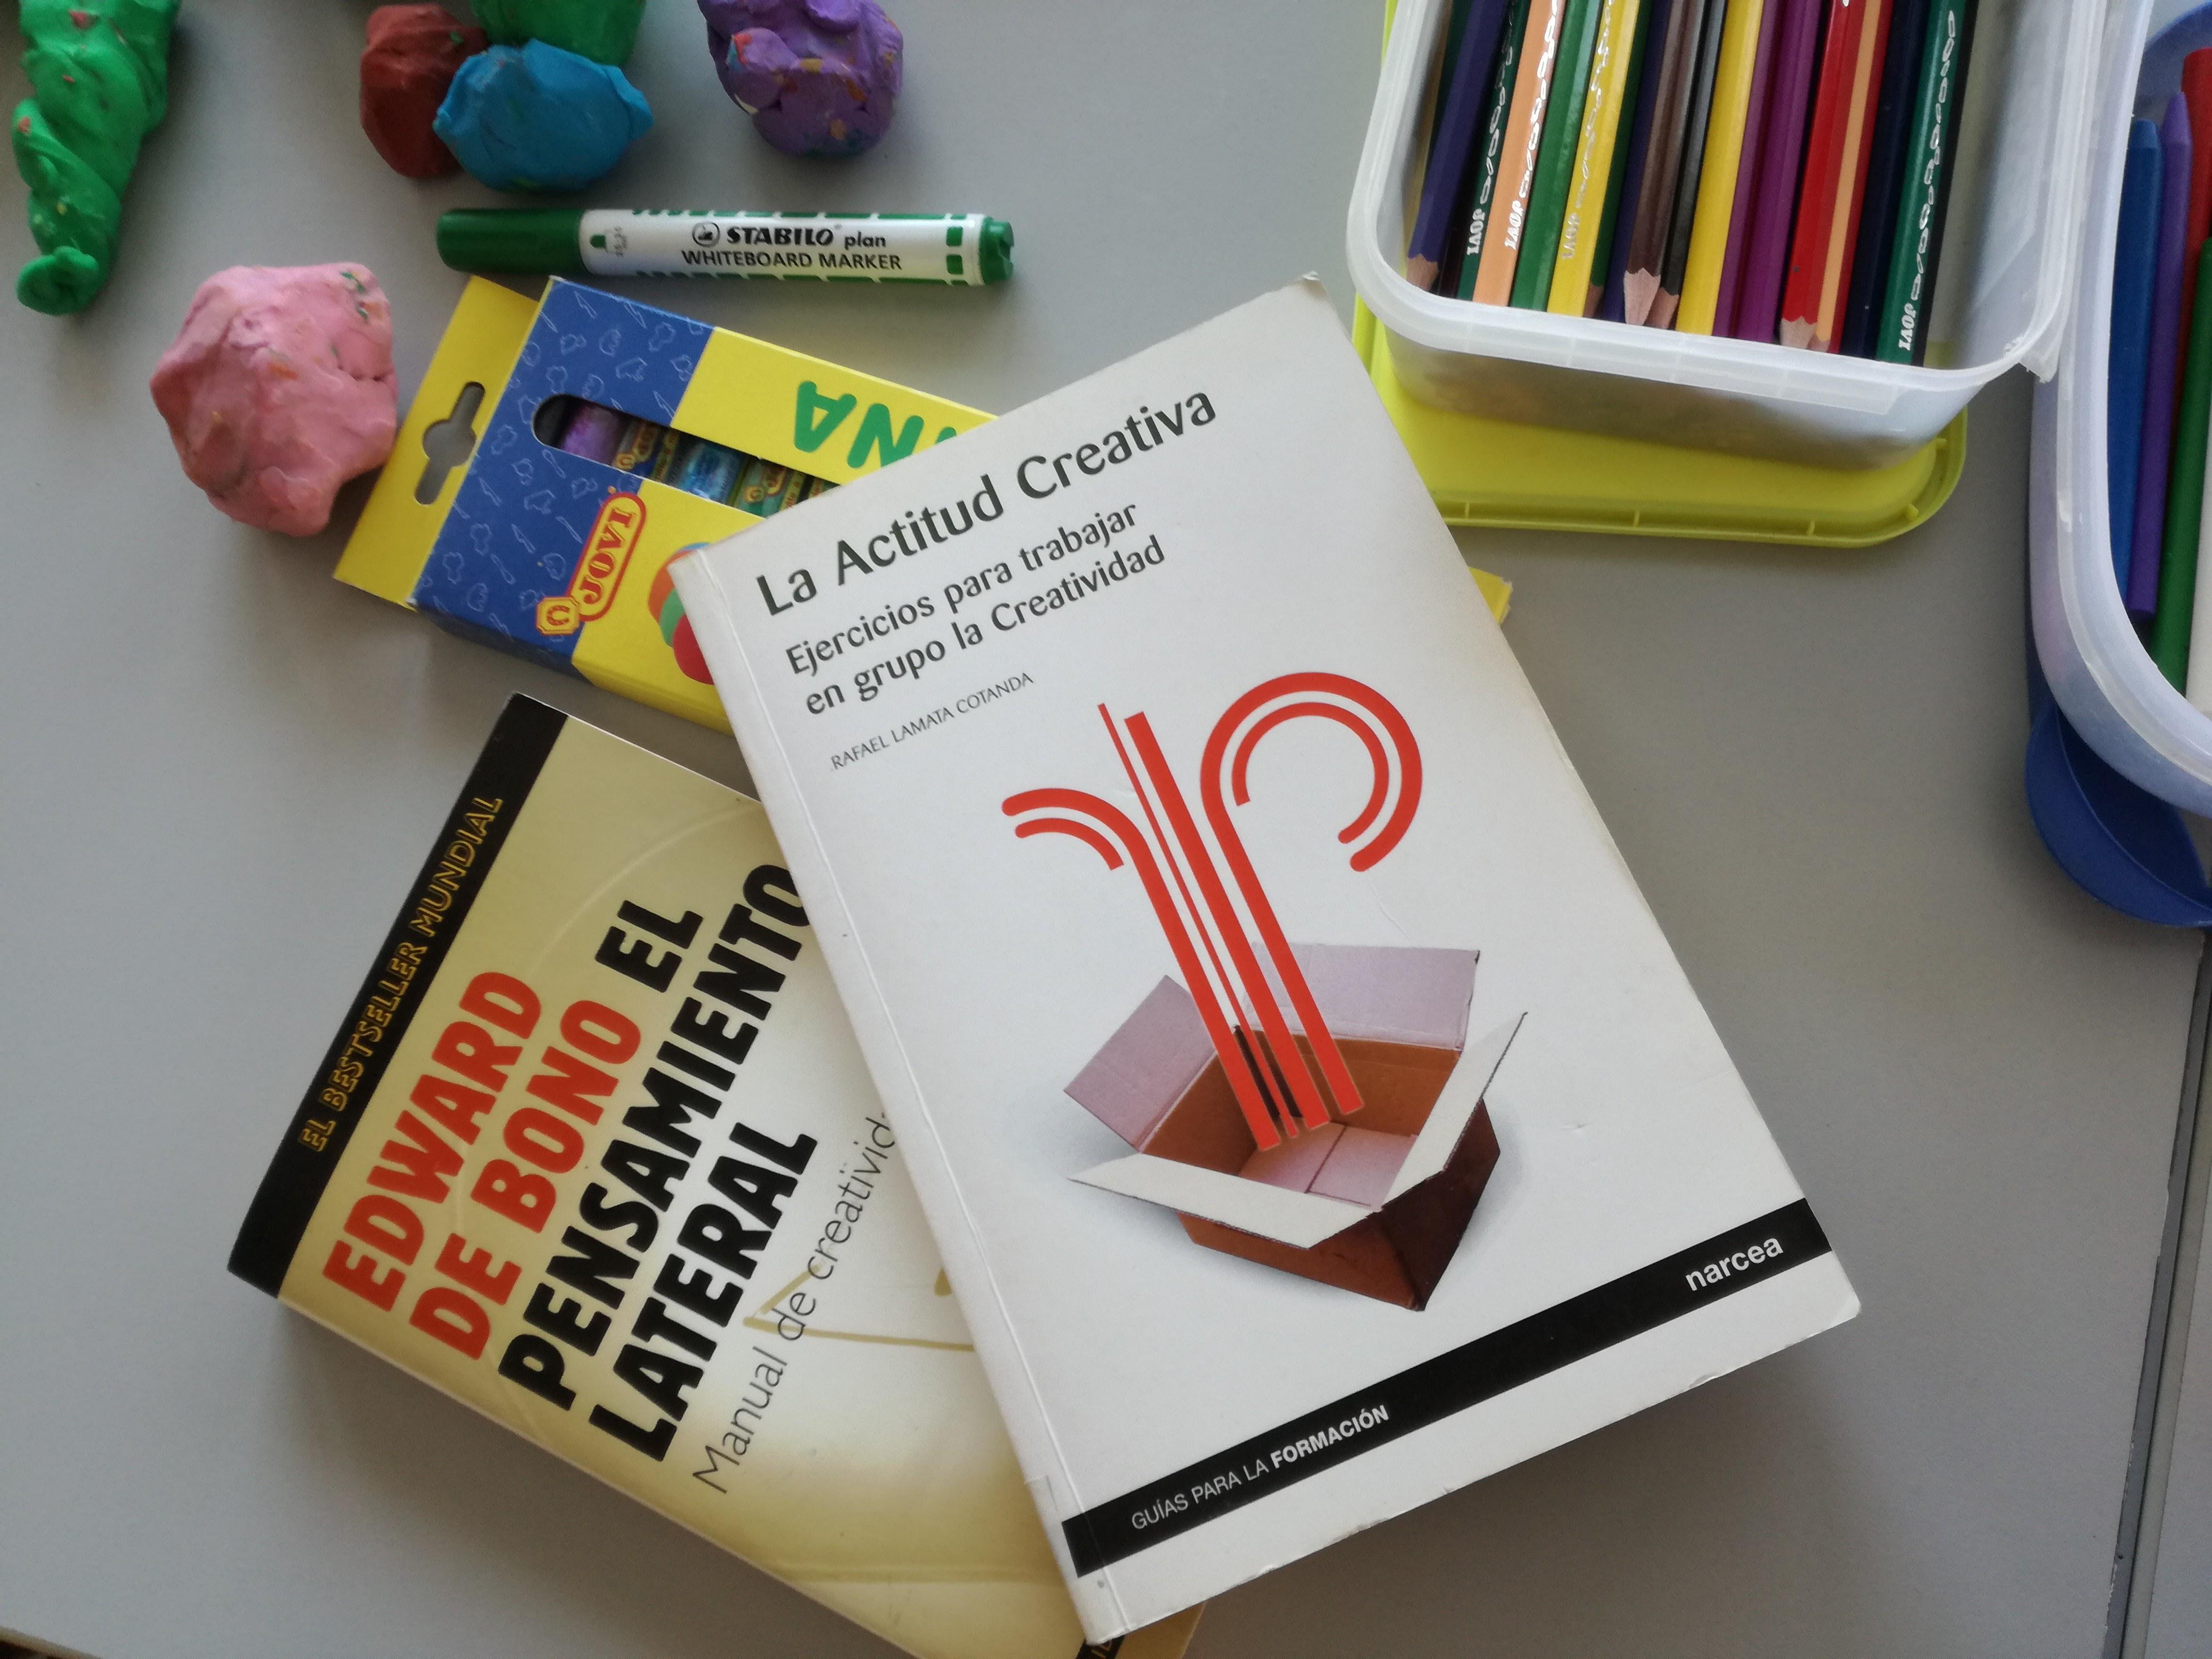 Entrenando el lado derecho: crónica de un curso sobre creatividad e innovación en el IAAP